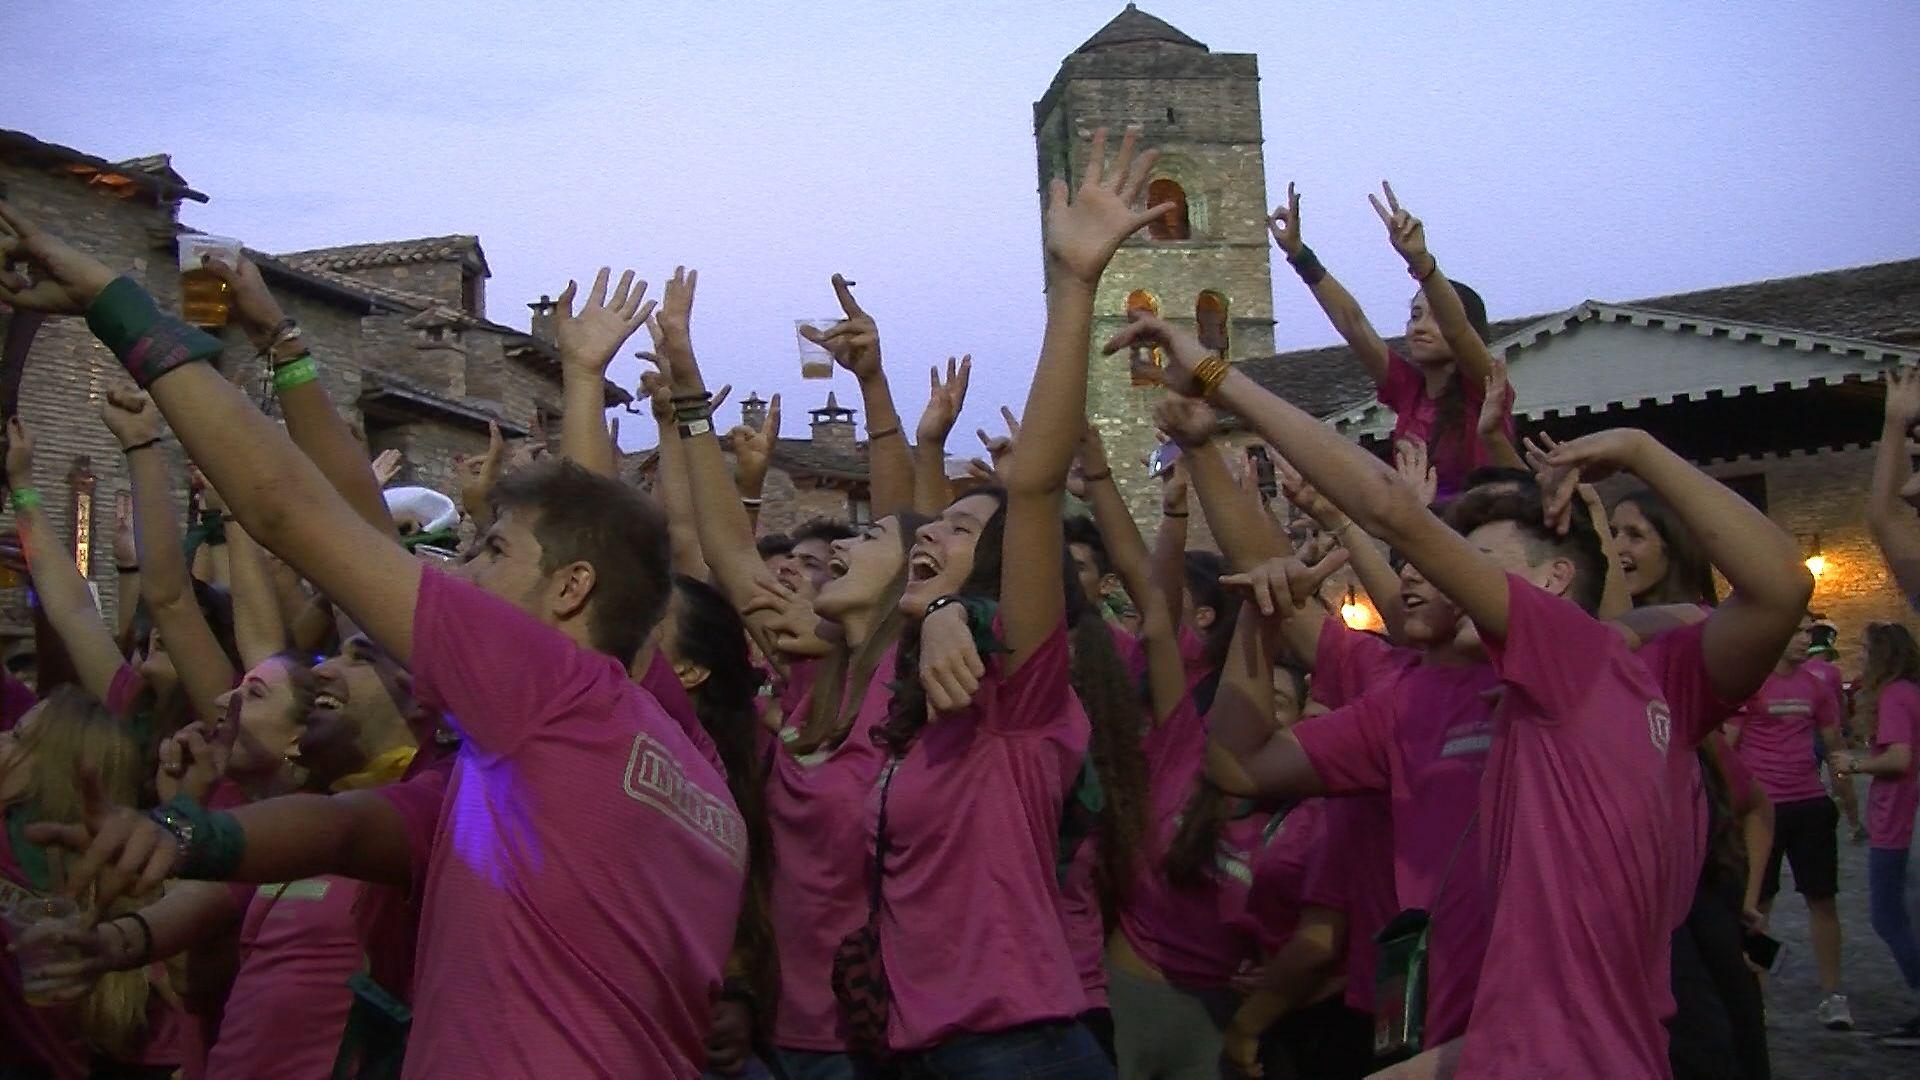 Imagen de jóvenes en las fiestas de Aínsa. Foto: SobrarbeDigital